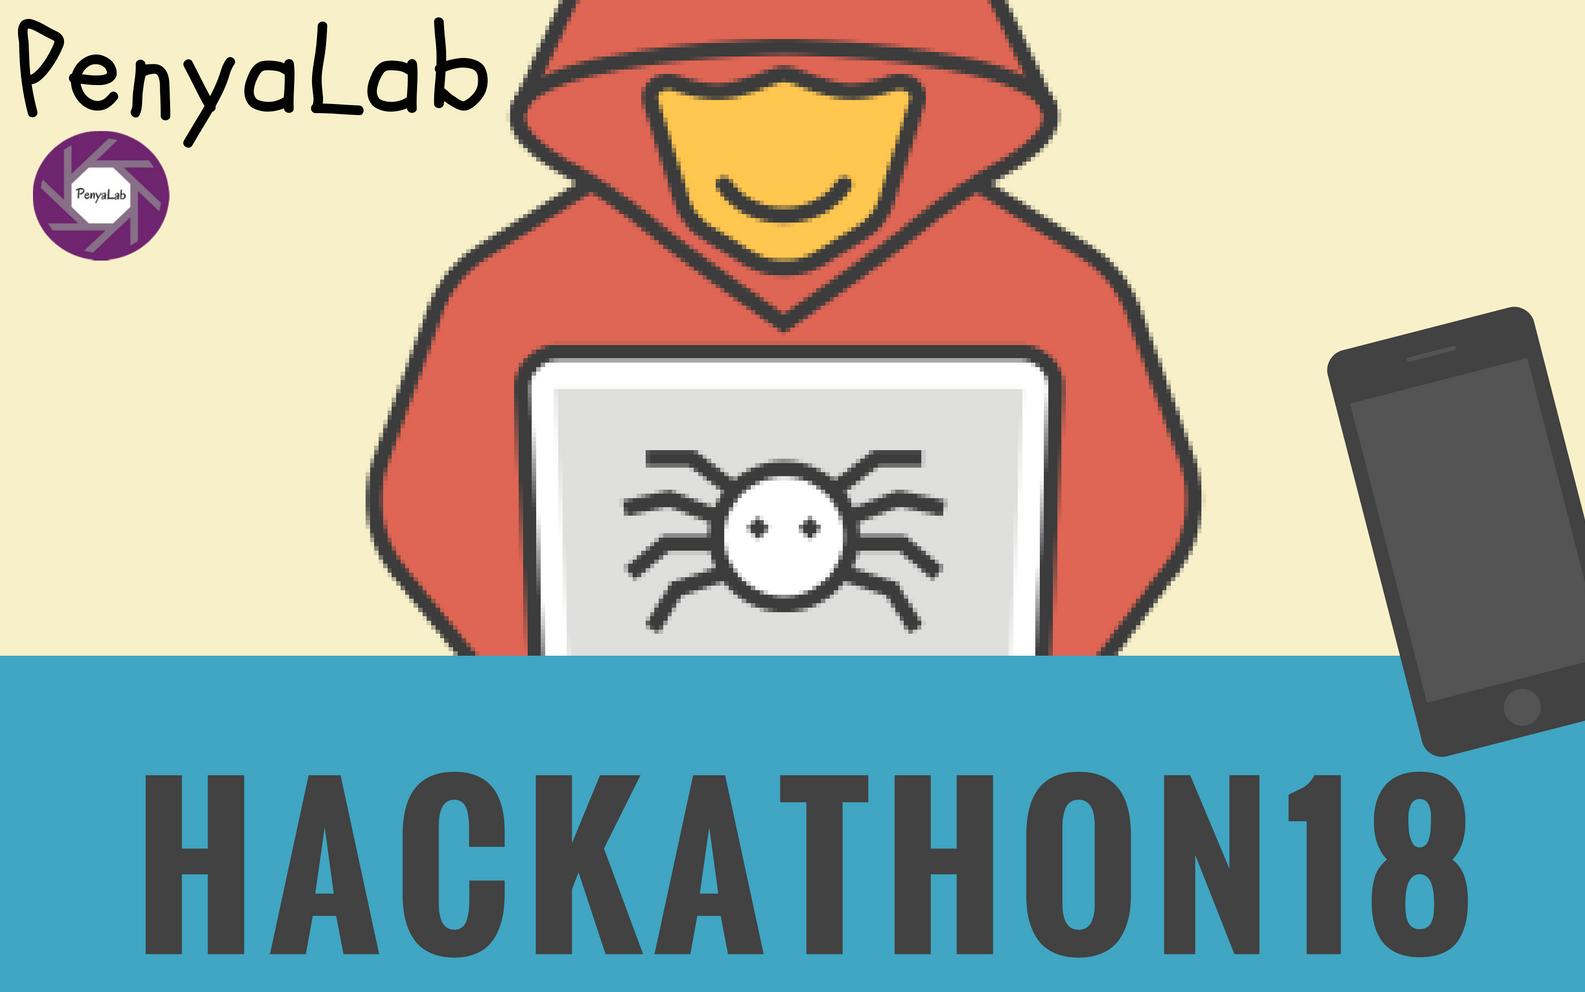 Com ha estat el Hackathon18?